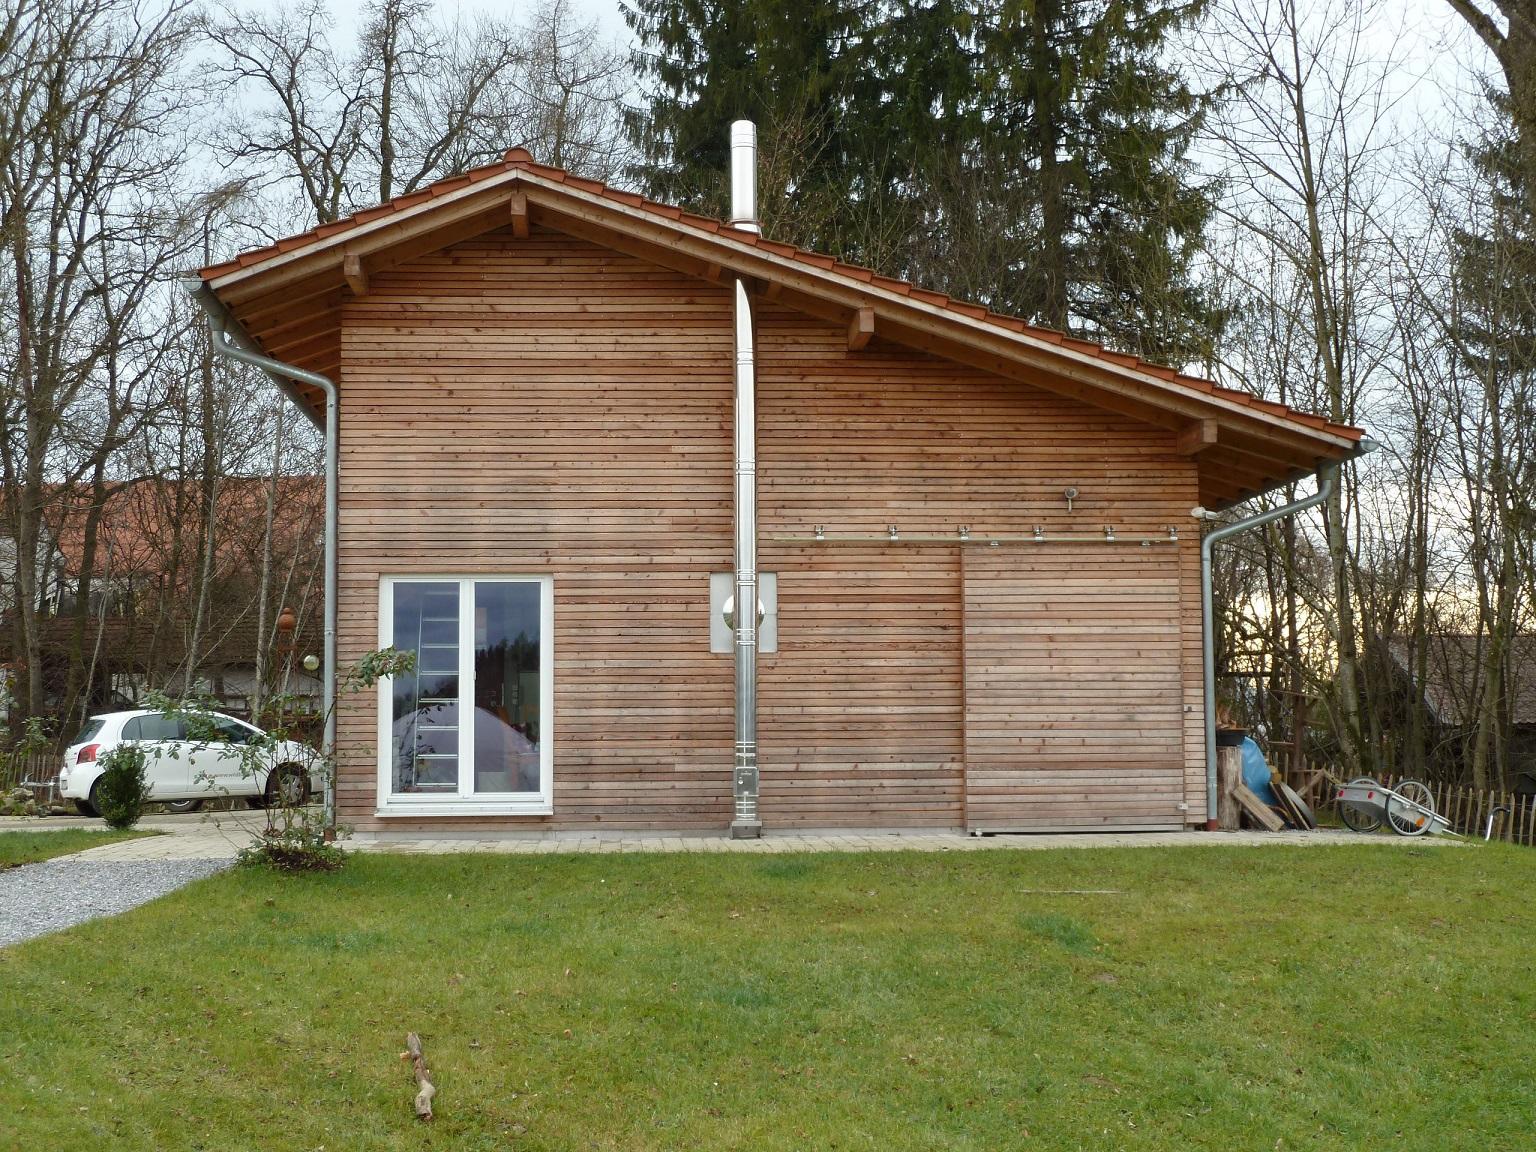 Edelstahlschornstein Bausatz Ø 300 mm - doppelwandig - Tecnovis DW-Silver